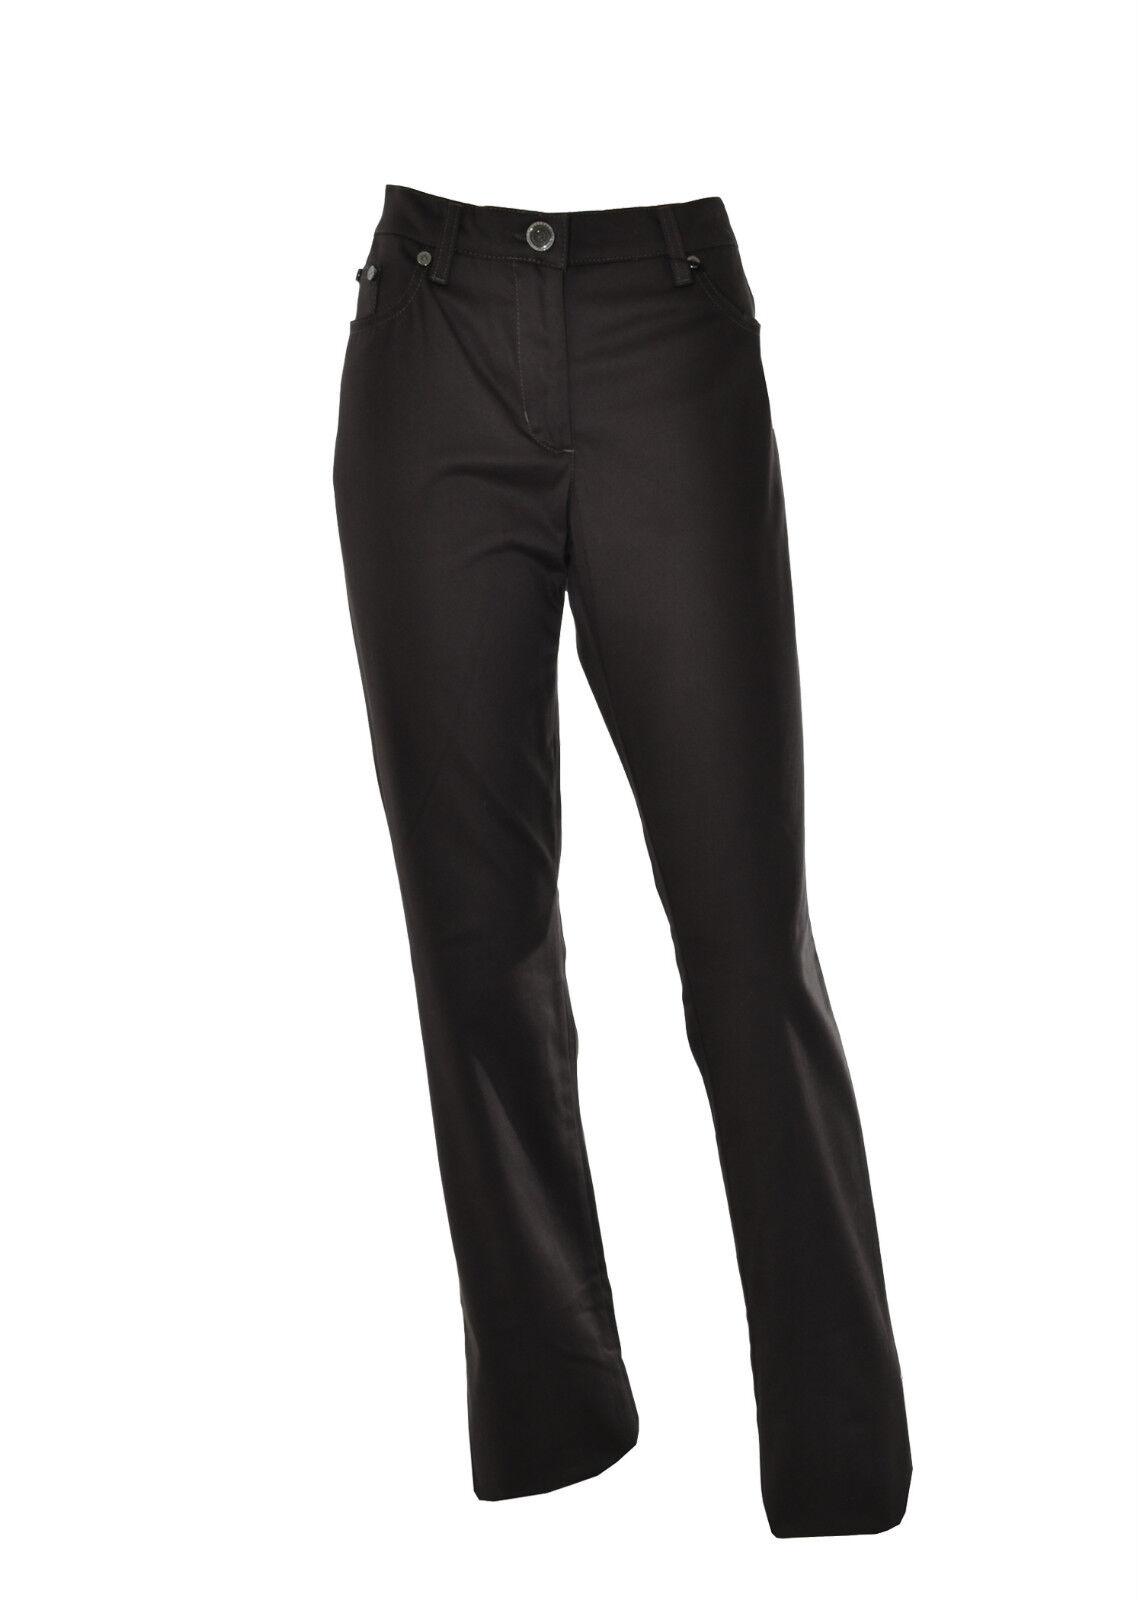 Pantaloni donna ROCCOBAROCCO  made in  in PROMOZIONE